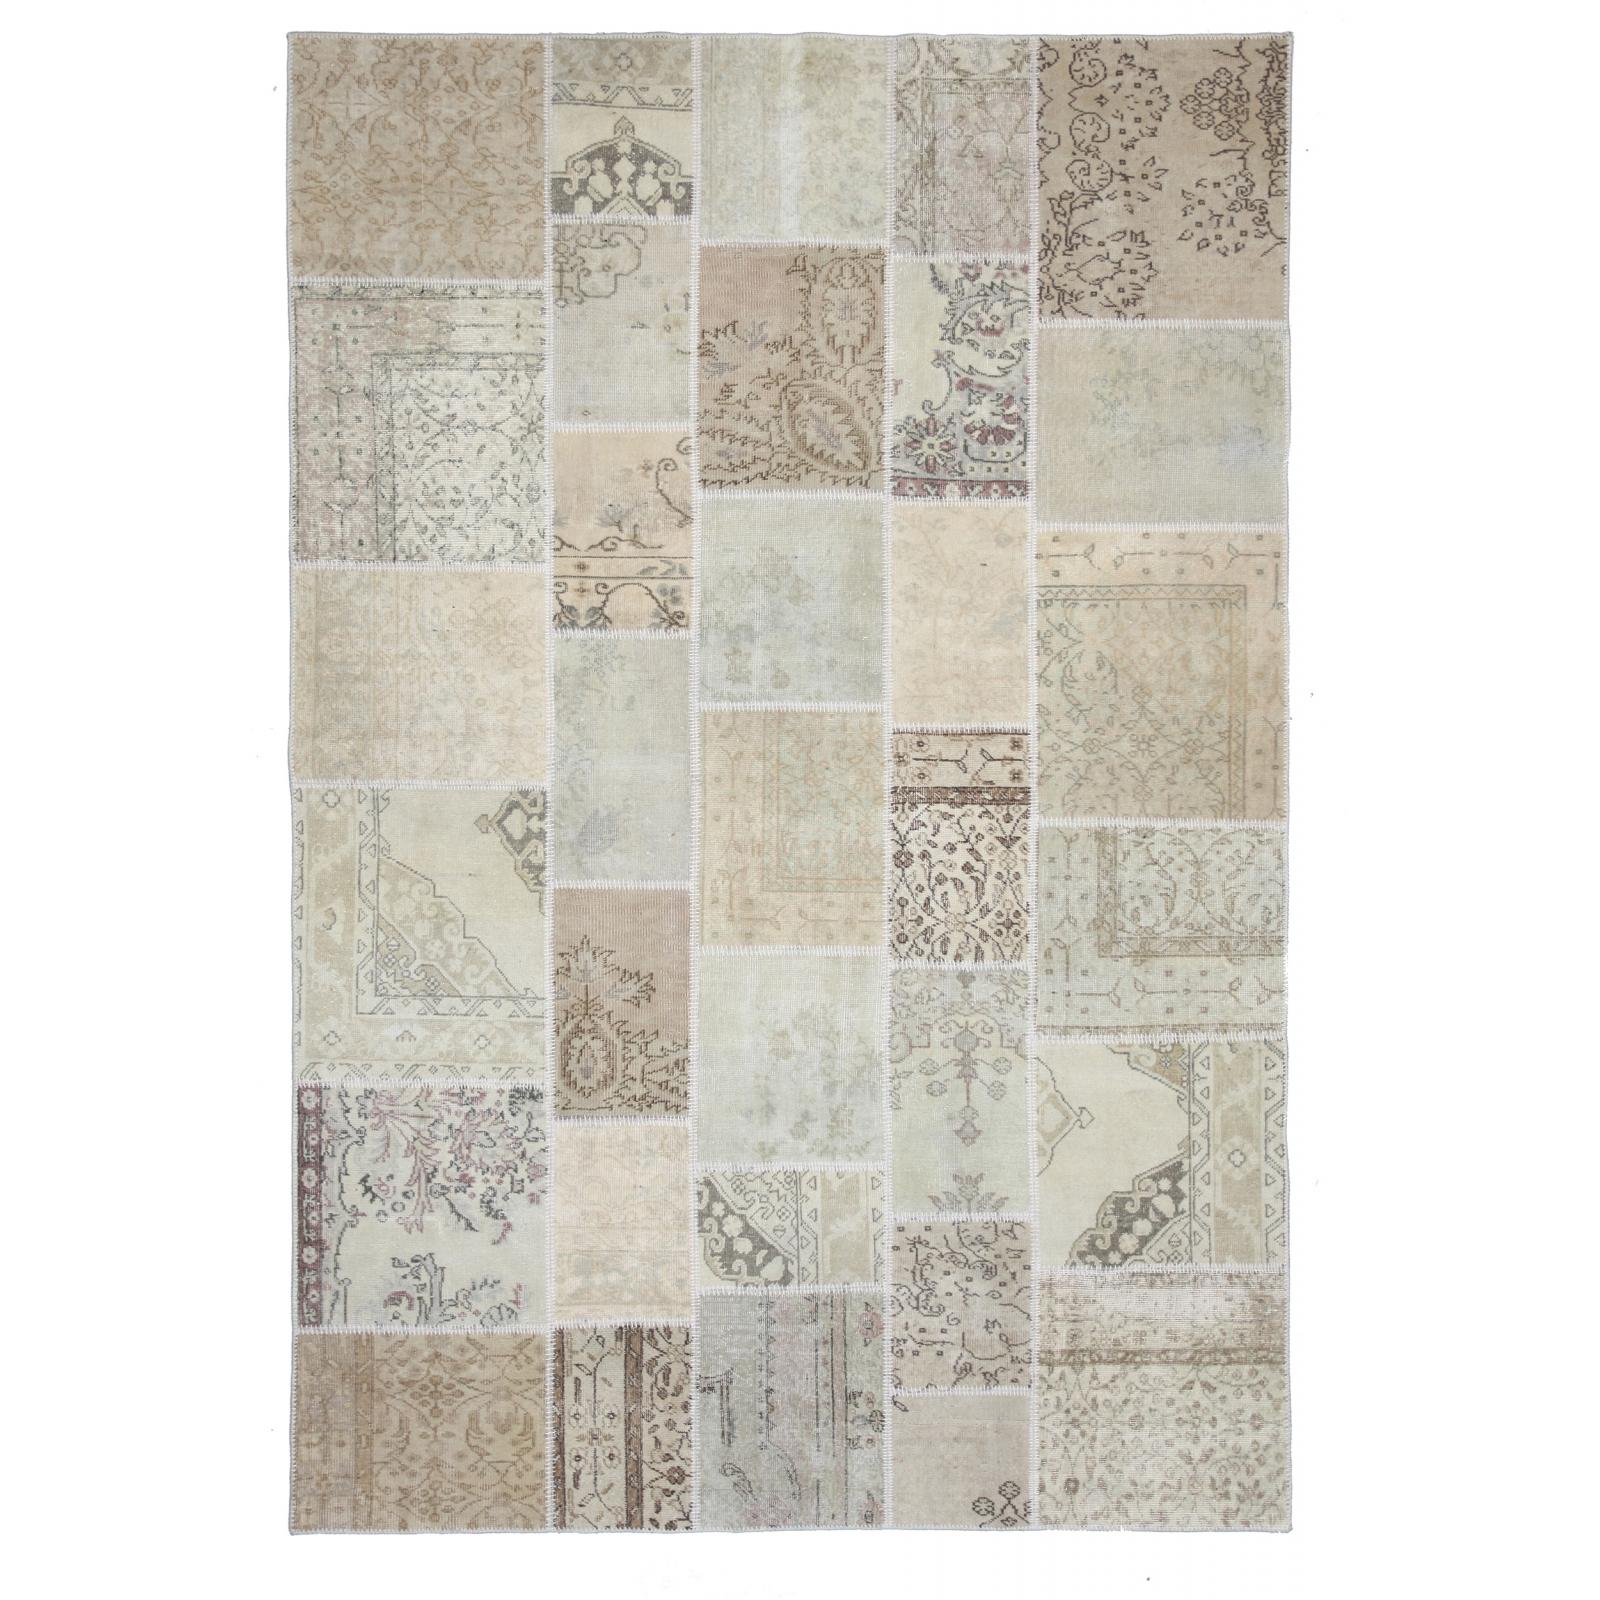 Authentic vintage patchwork rug (200x300cm)